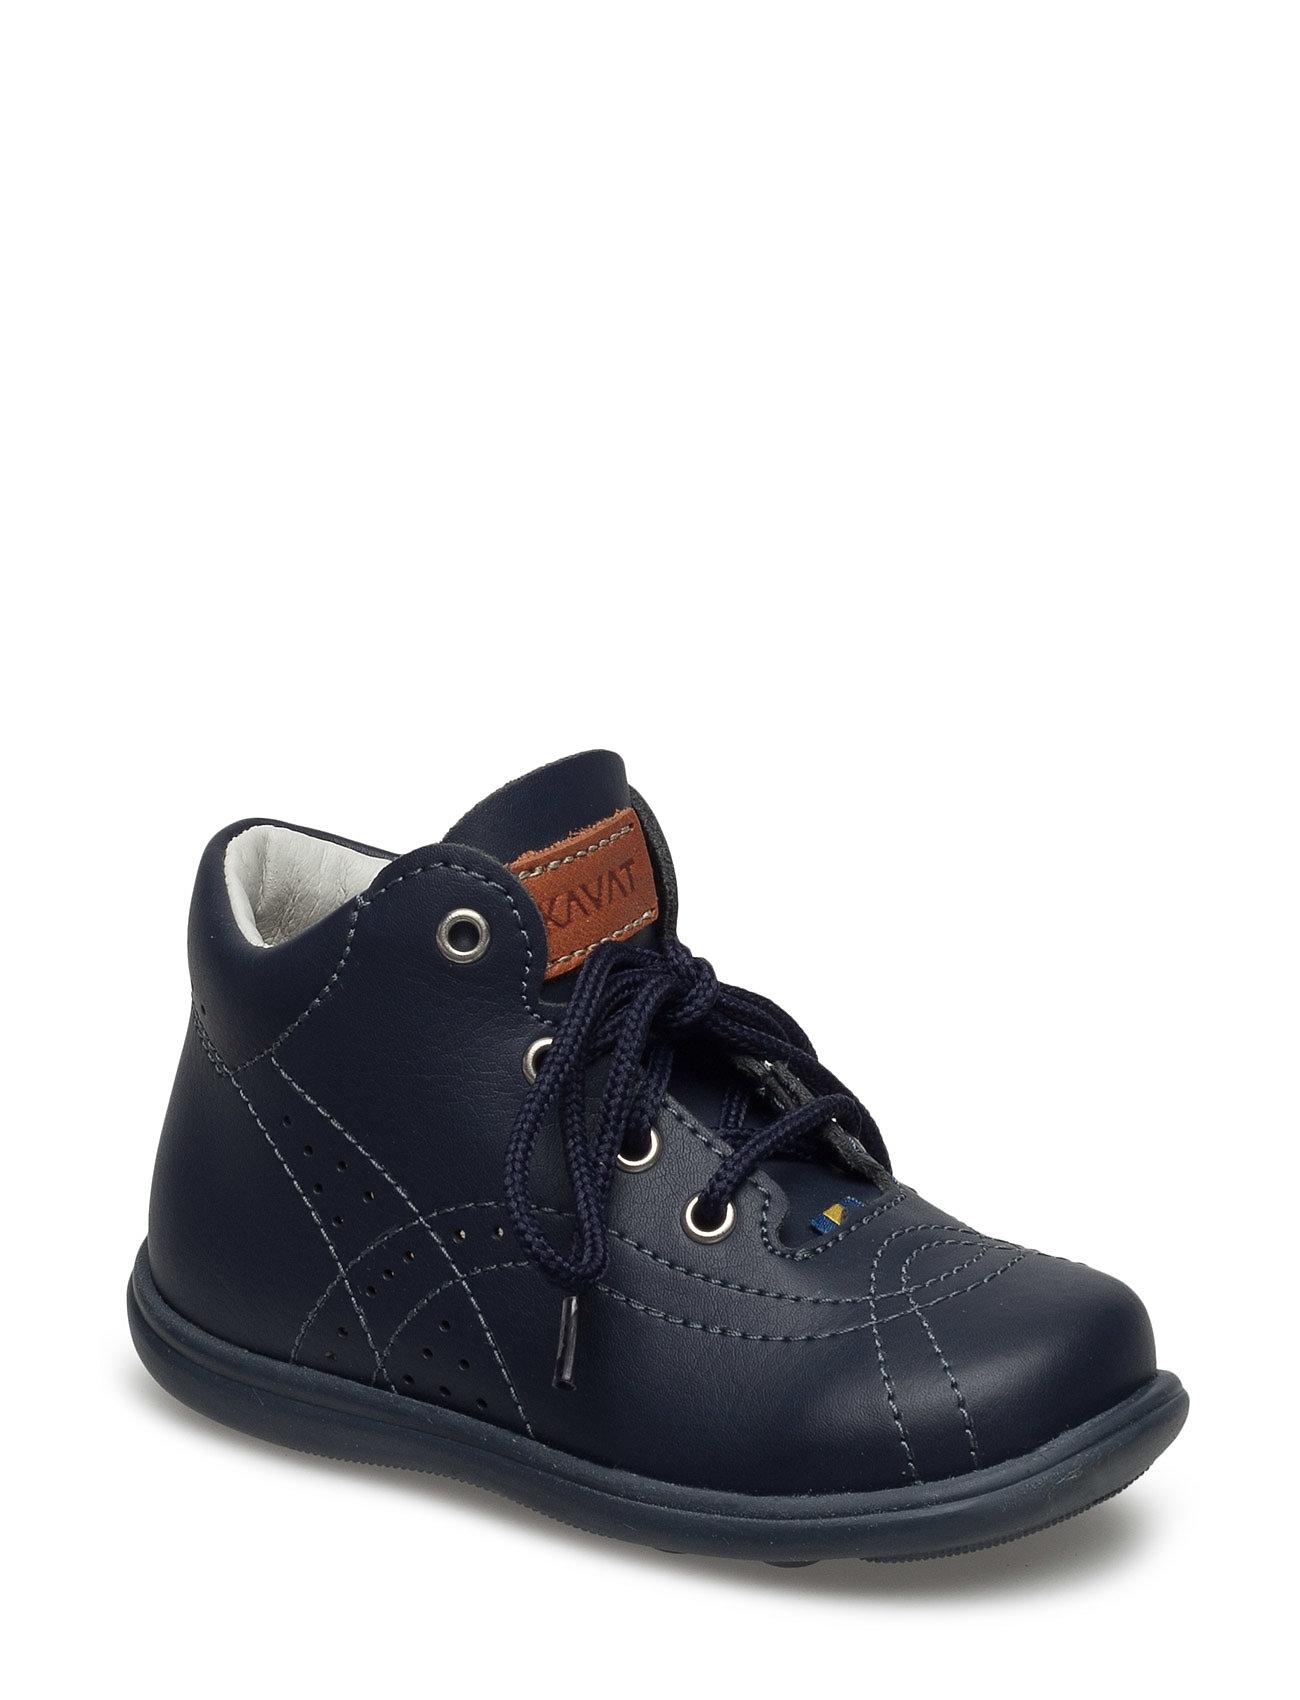 Edsbro Xc Kavat Sko & Sneakers til Børn i Blå